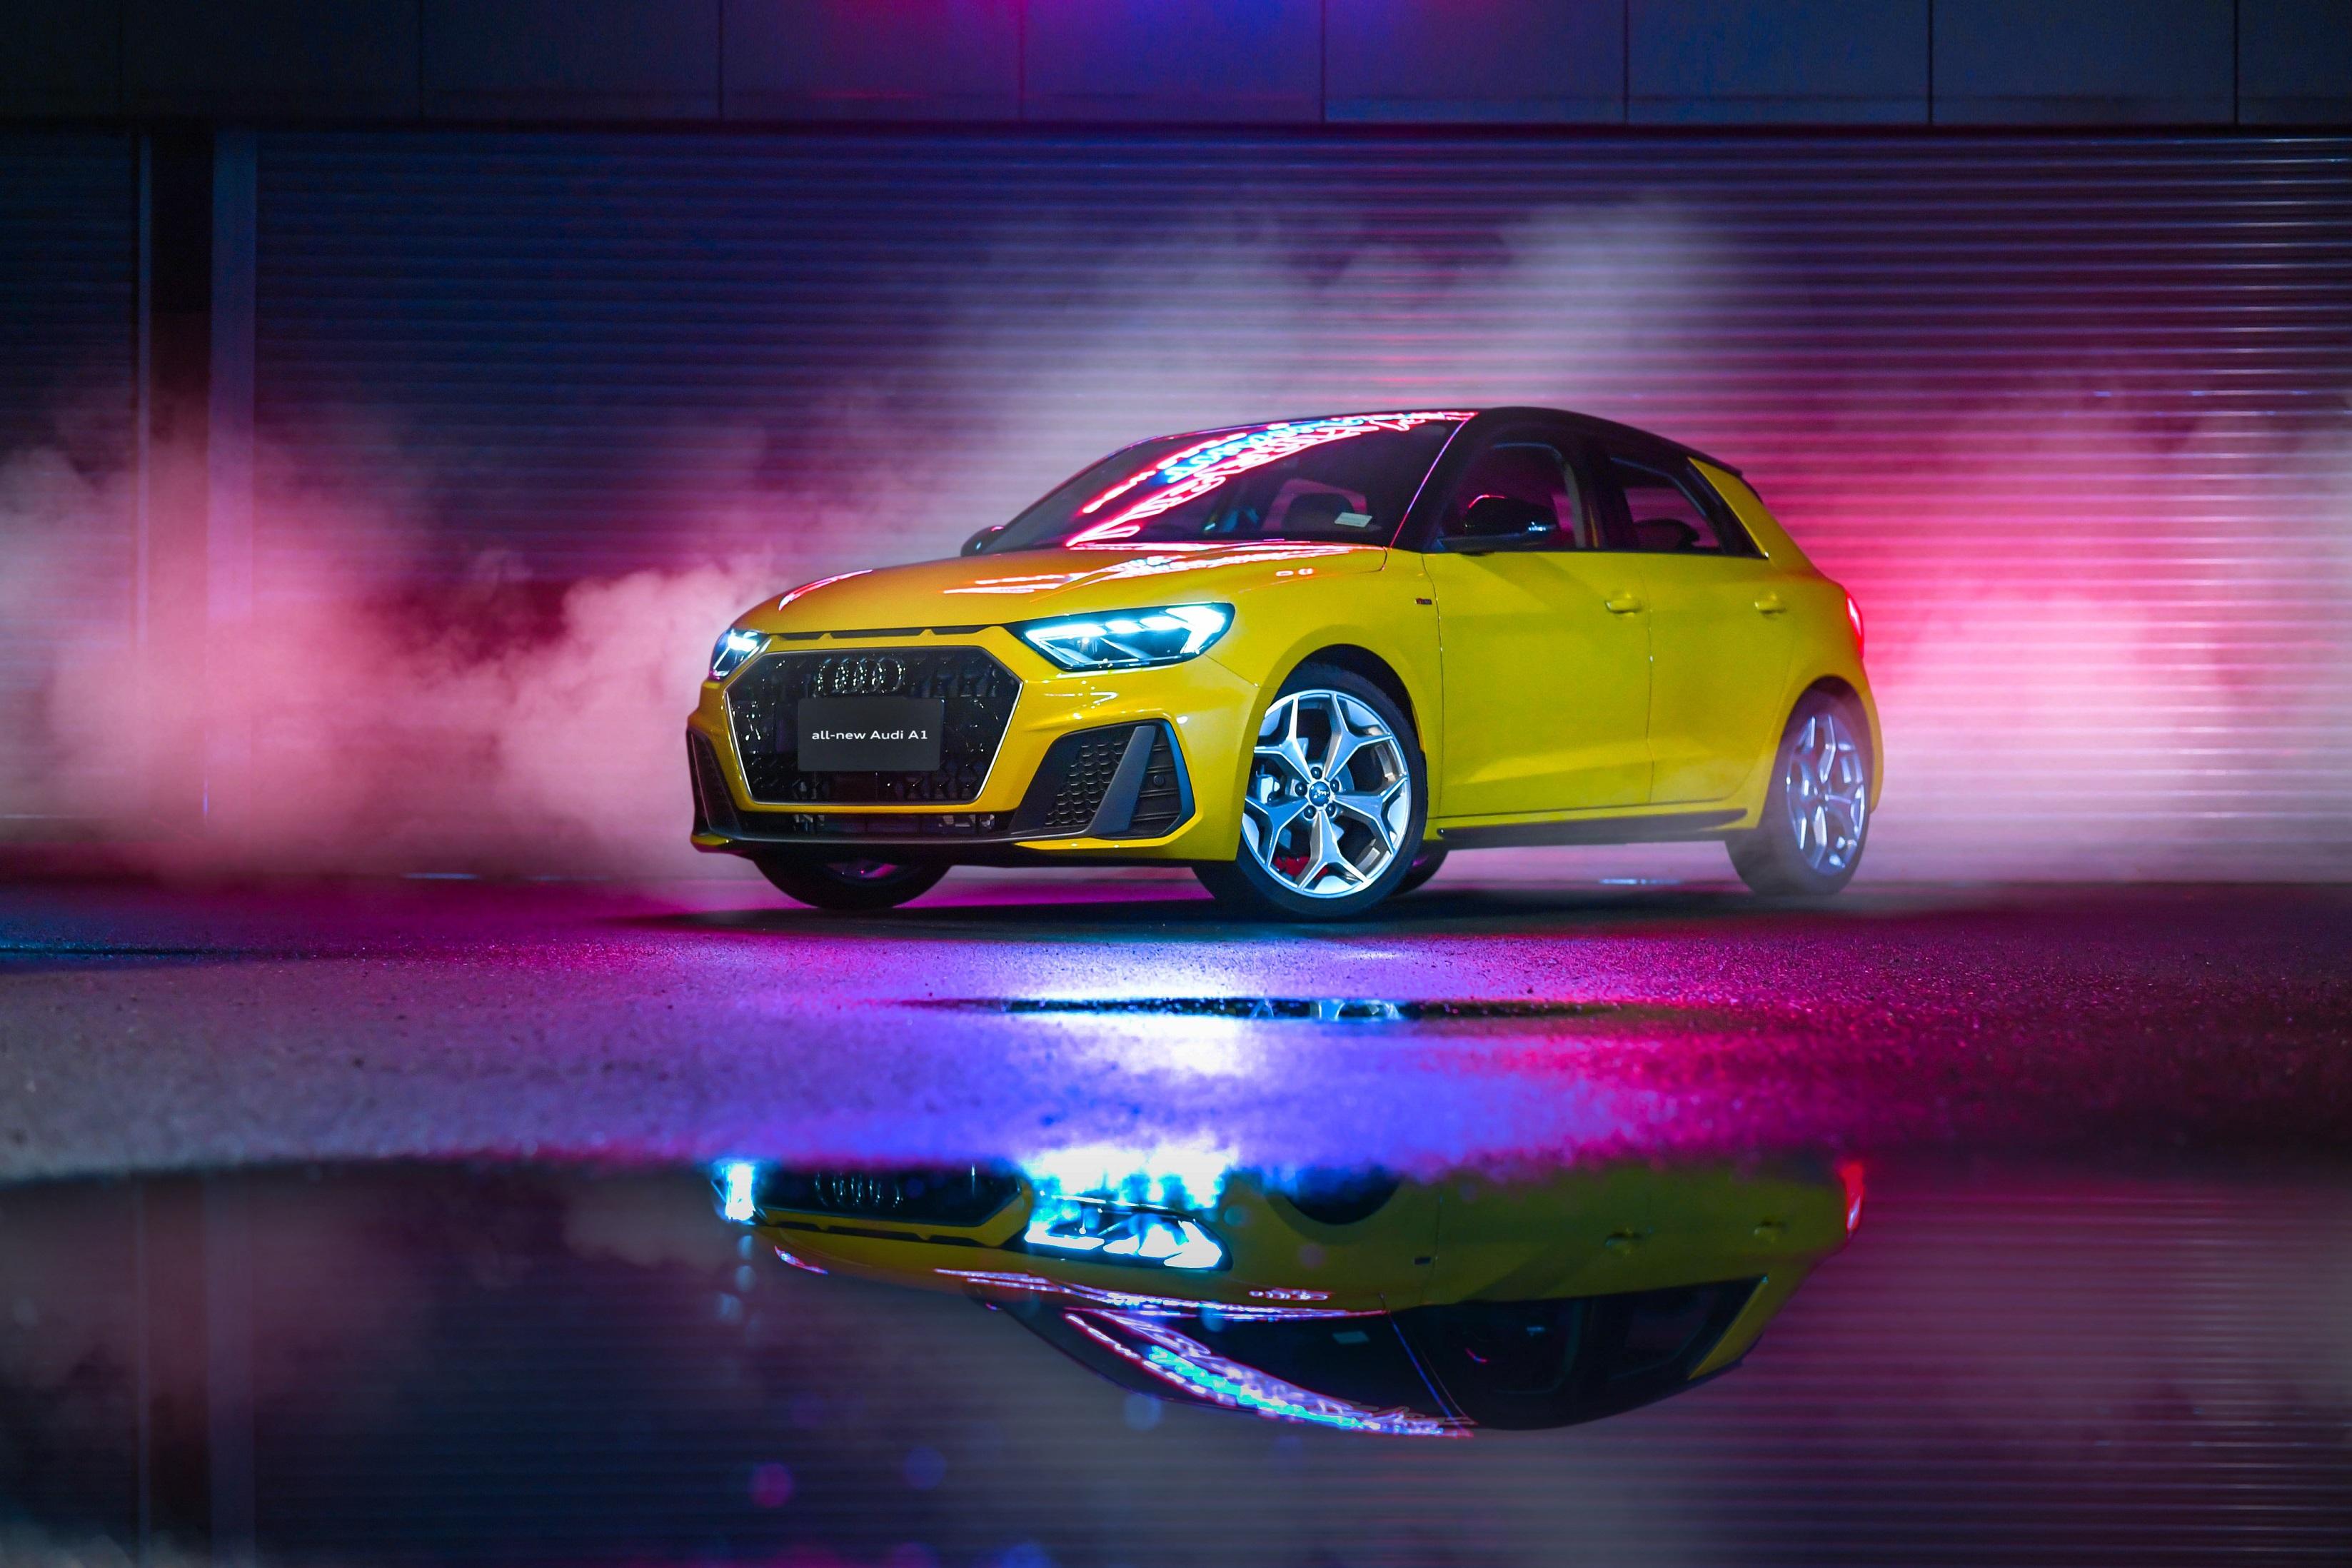 อาวดี้ เปิดตัวพรีเมียมคอมแพคท์The New Audi A1 Sportbackราคา2.149 ล้านบาท